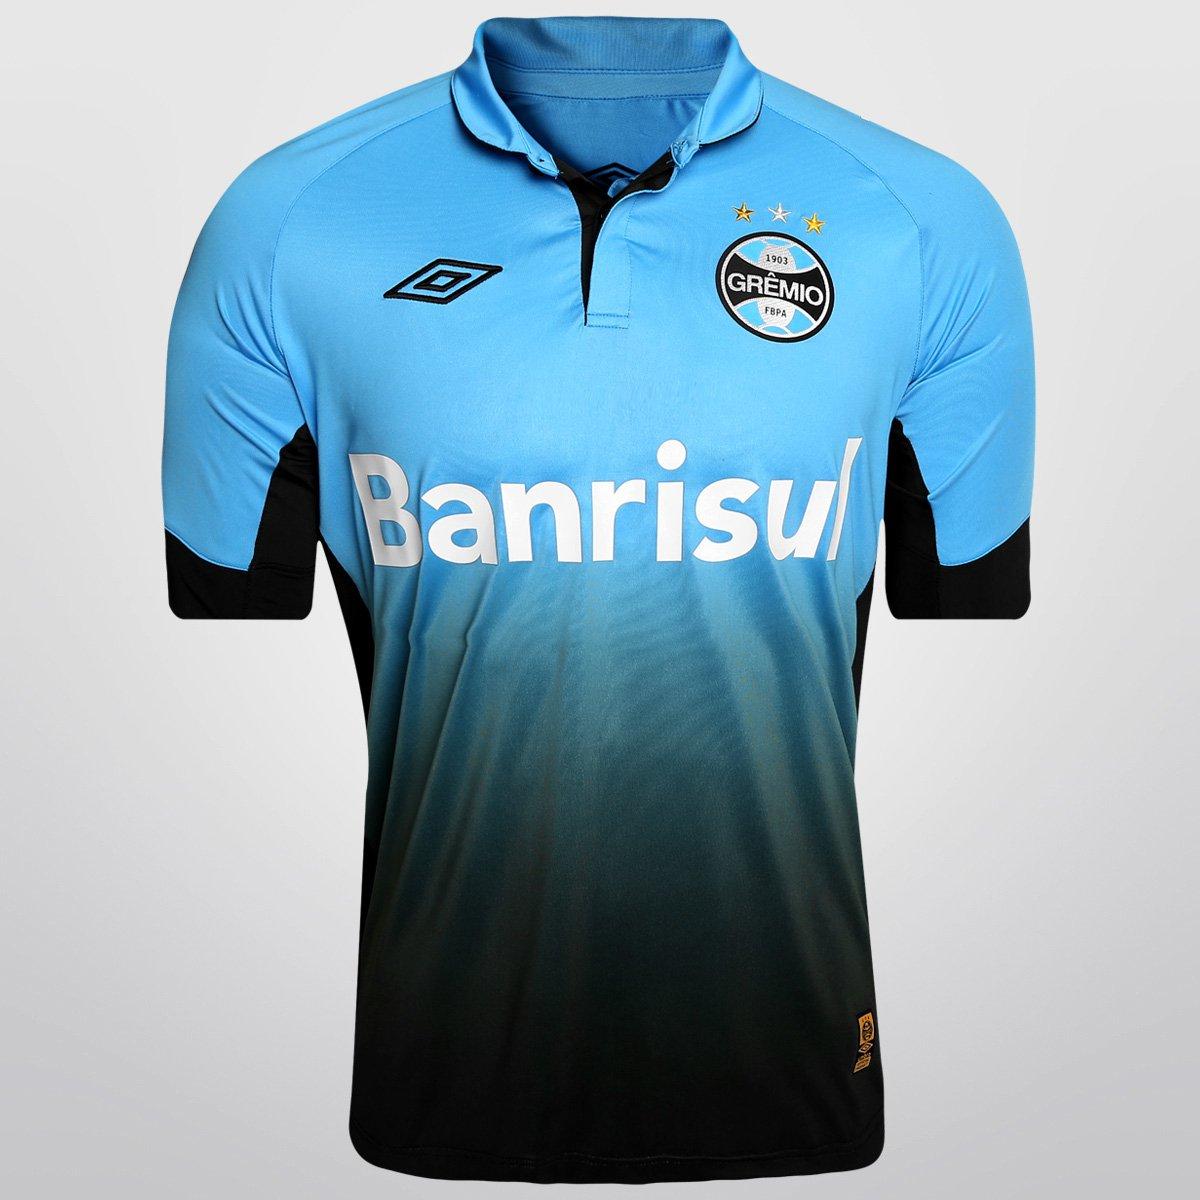 Camisa Umbro Grêmio III 2015 s nº - Compre Agora  8c95e4bacf186